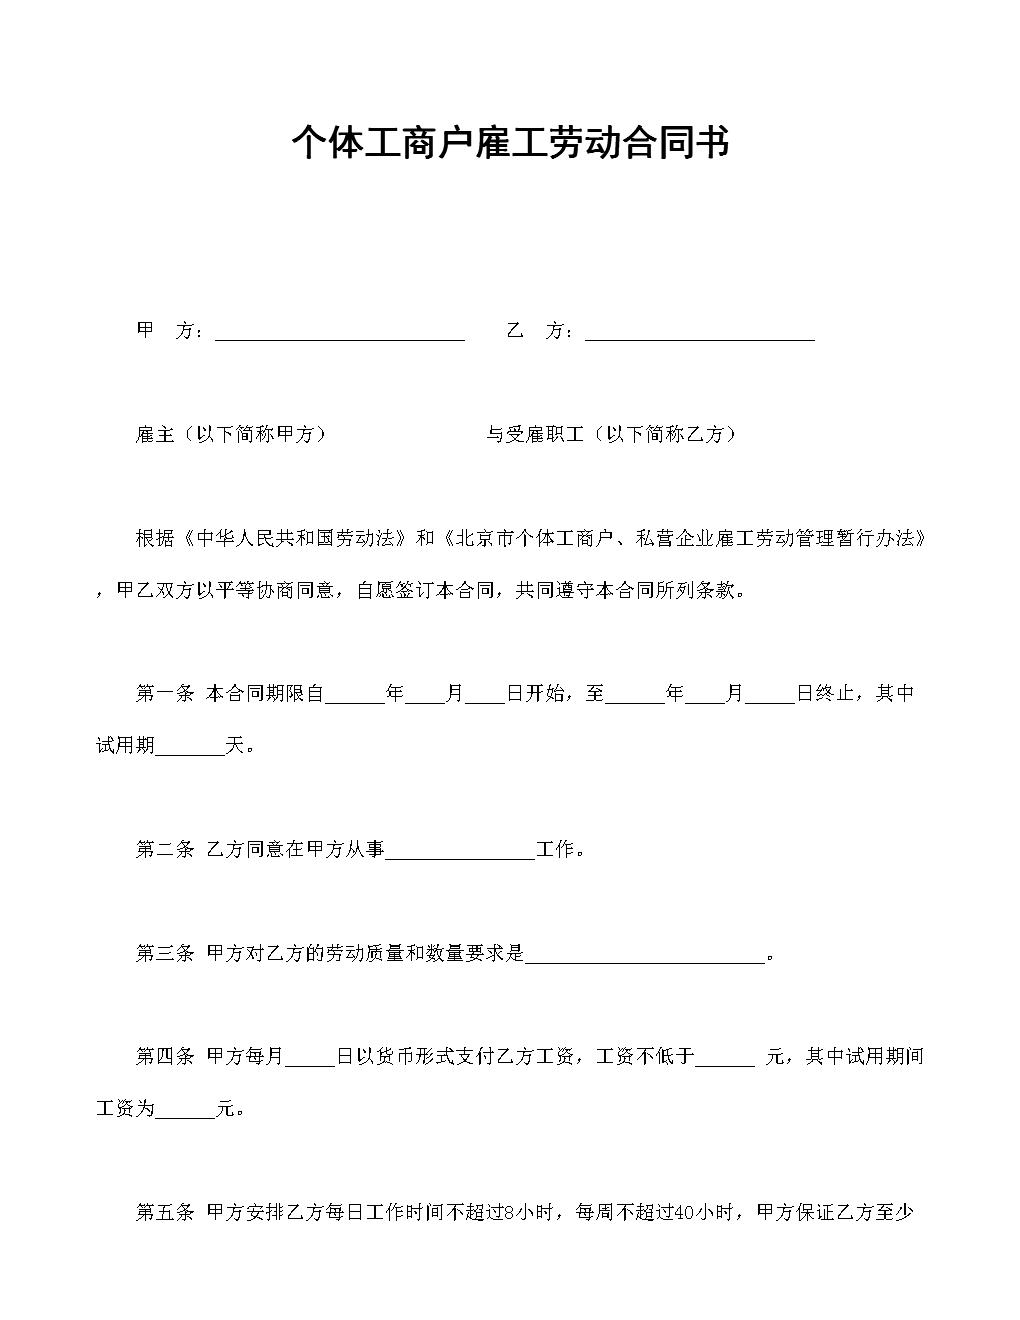 个体工商户雇工劳动合同书.doc